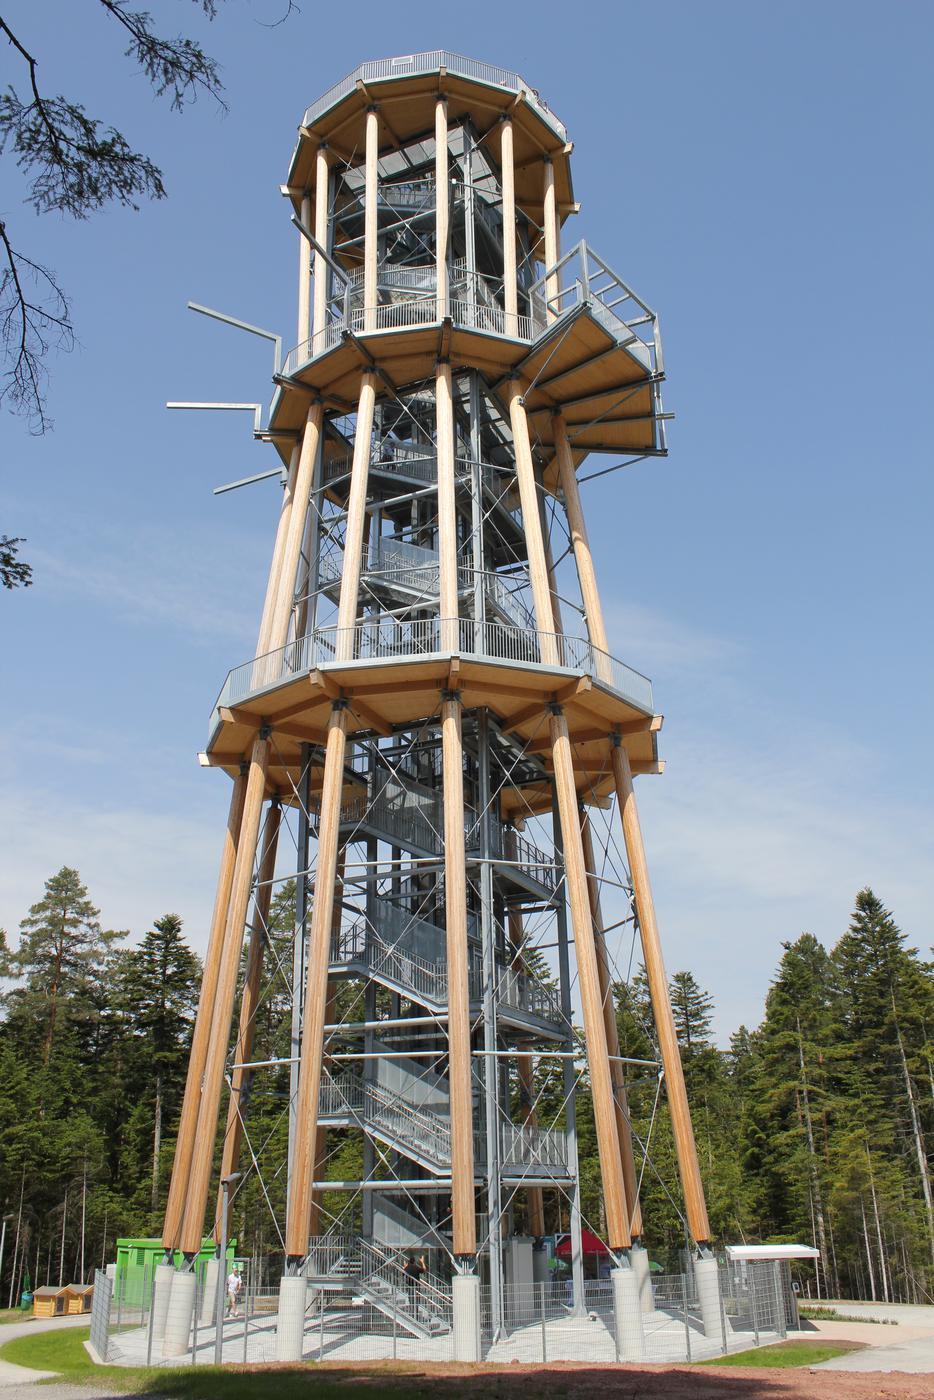 Touristischer Leuchtturm: Mit dem Himmelsglück-Turm will Schömberg den Tourismus ankurbeln und zum Zuschauermagnet im Nordschwarzwald werden.